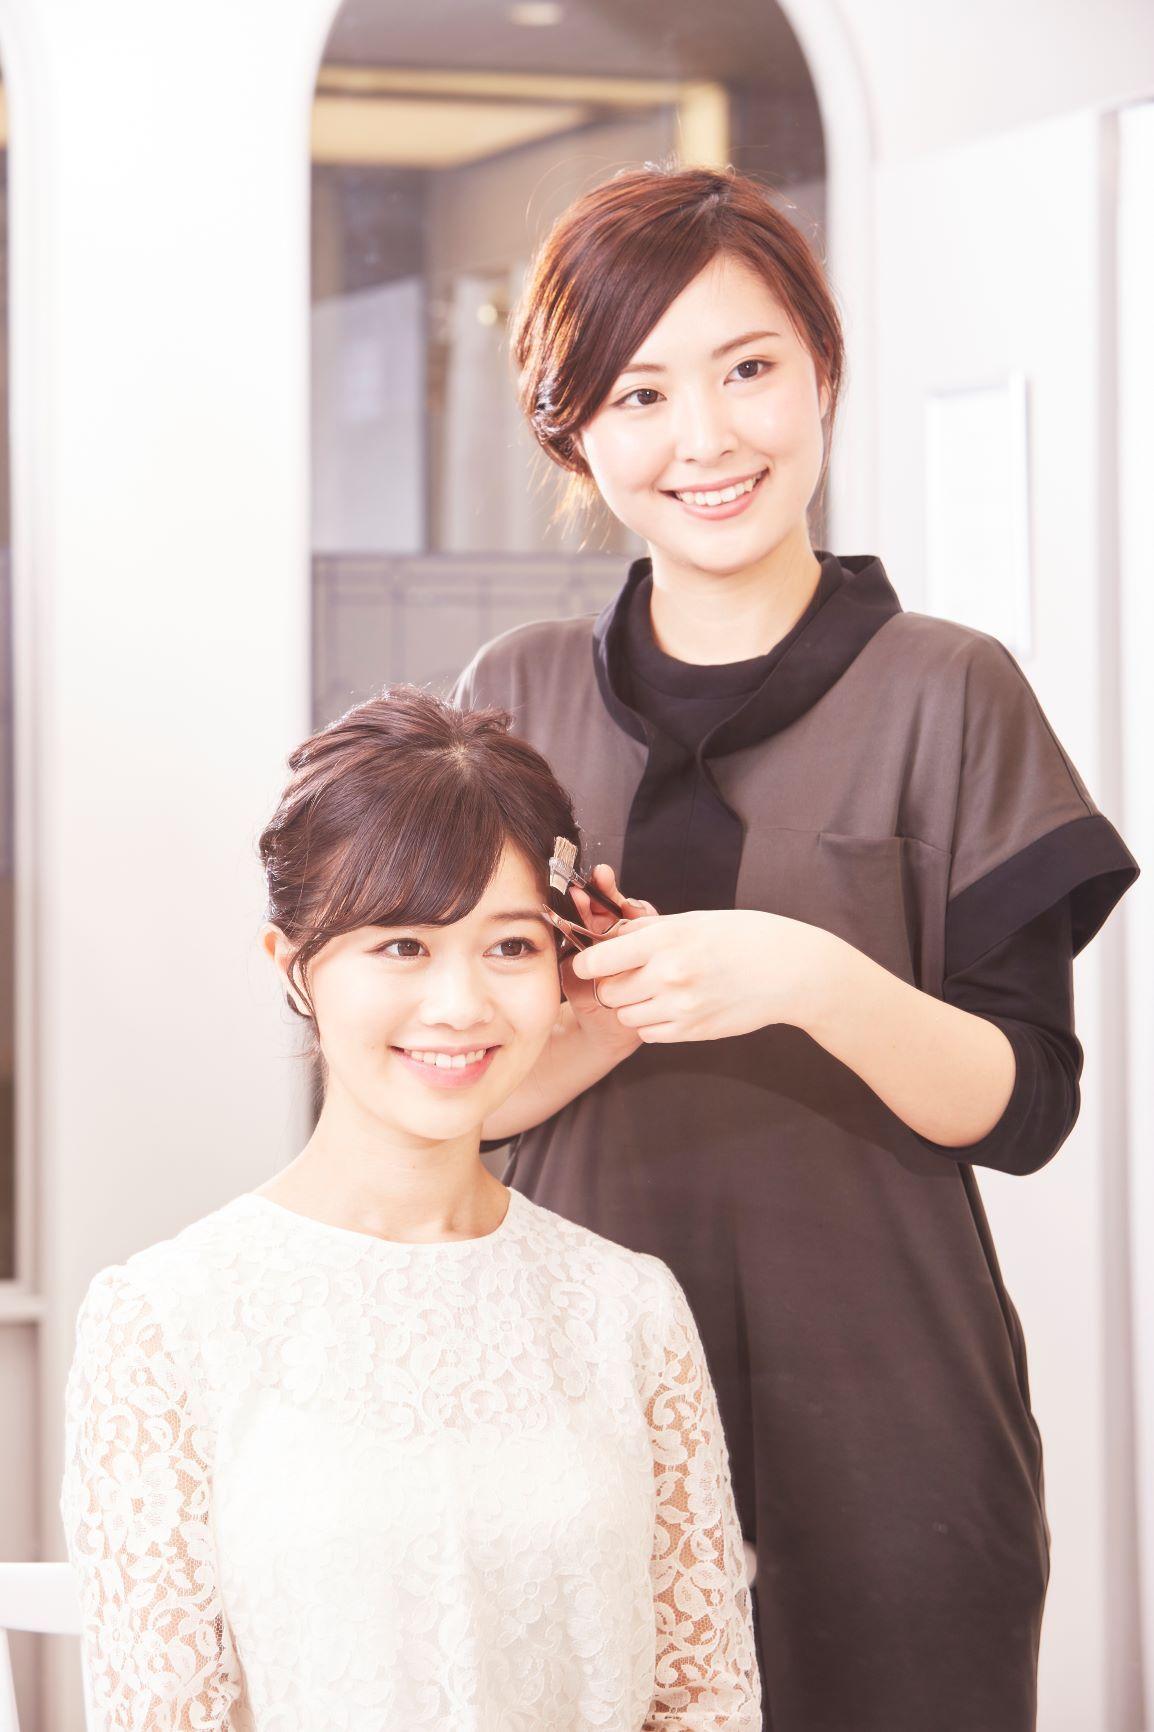 画像2: プロ仕様のオリジナル眉マスカラをヘアメイク専門店が開発